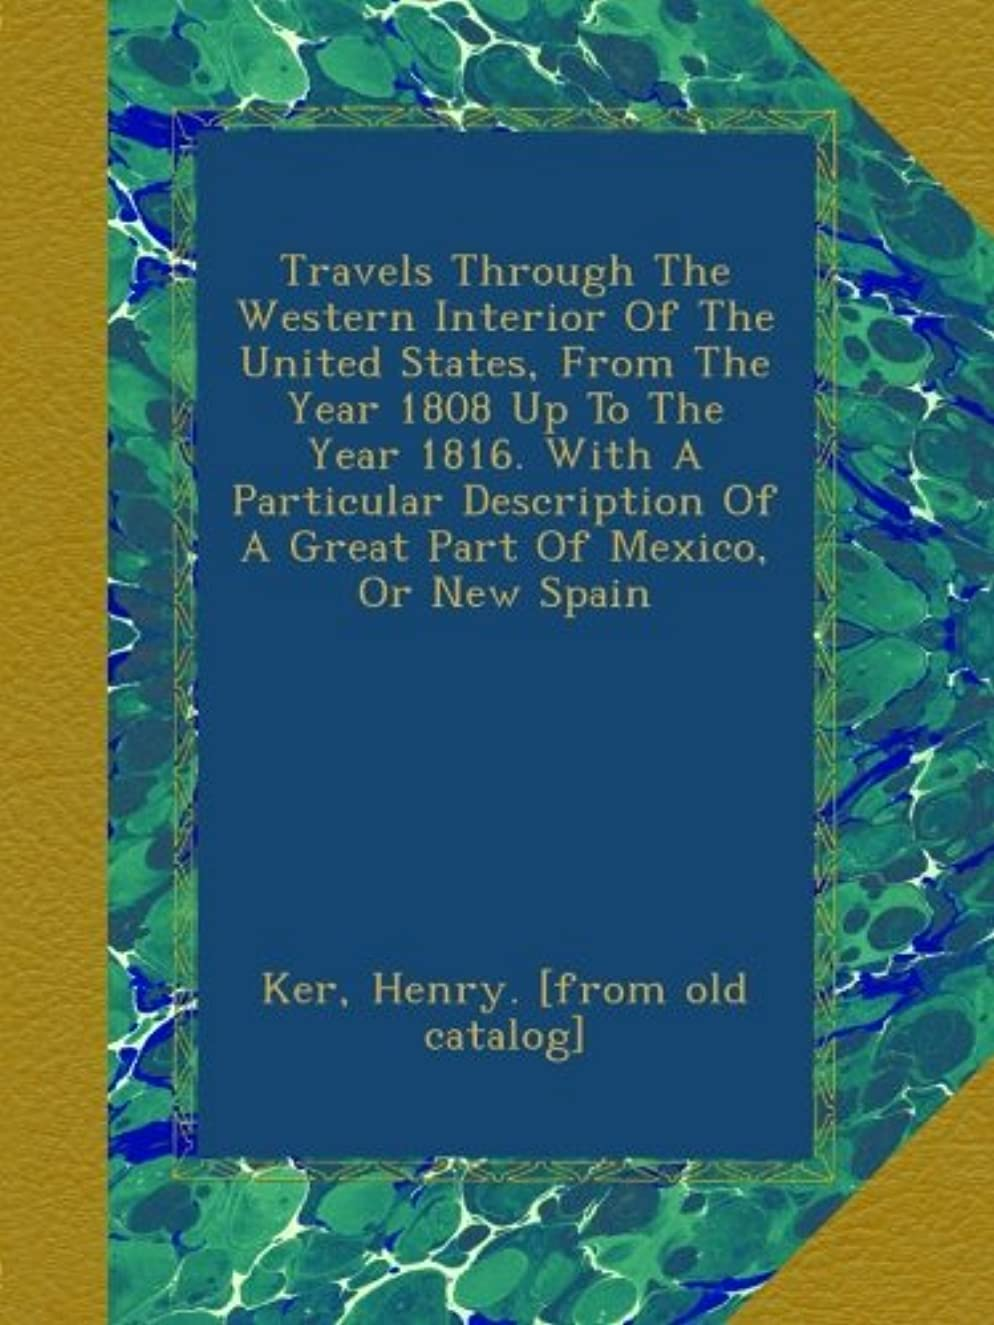 名前を作る民間人神のTravels Through The Western Interior Of The United States, From The Year 1808 Up To The Year 1816. With A Particular Description Of A Great Part Of Mexico, Or New Spain